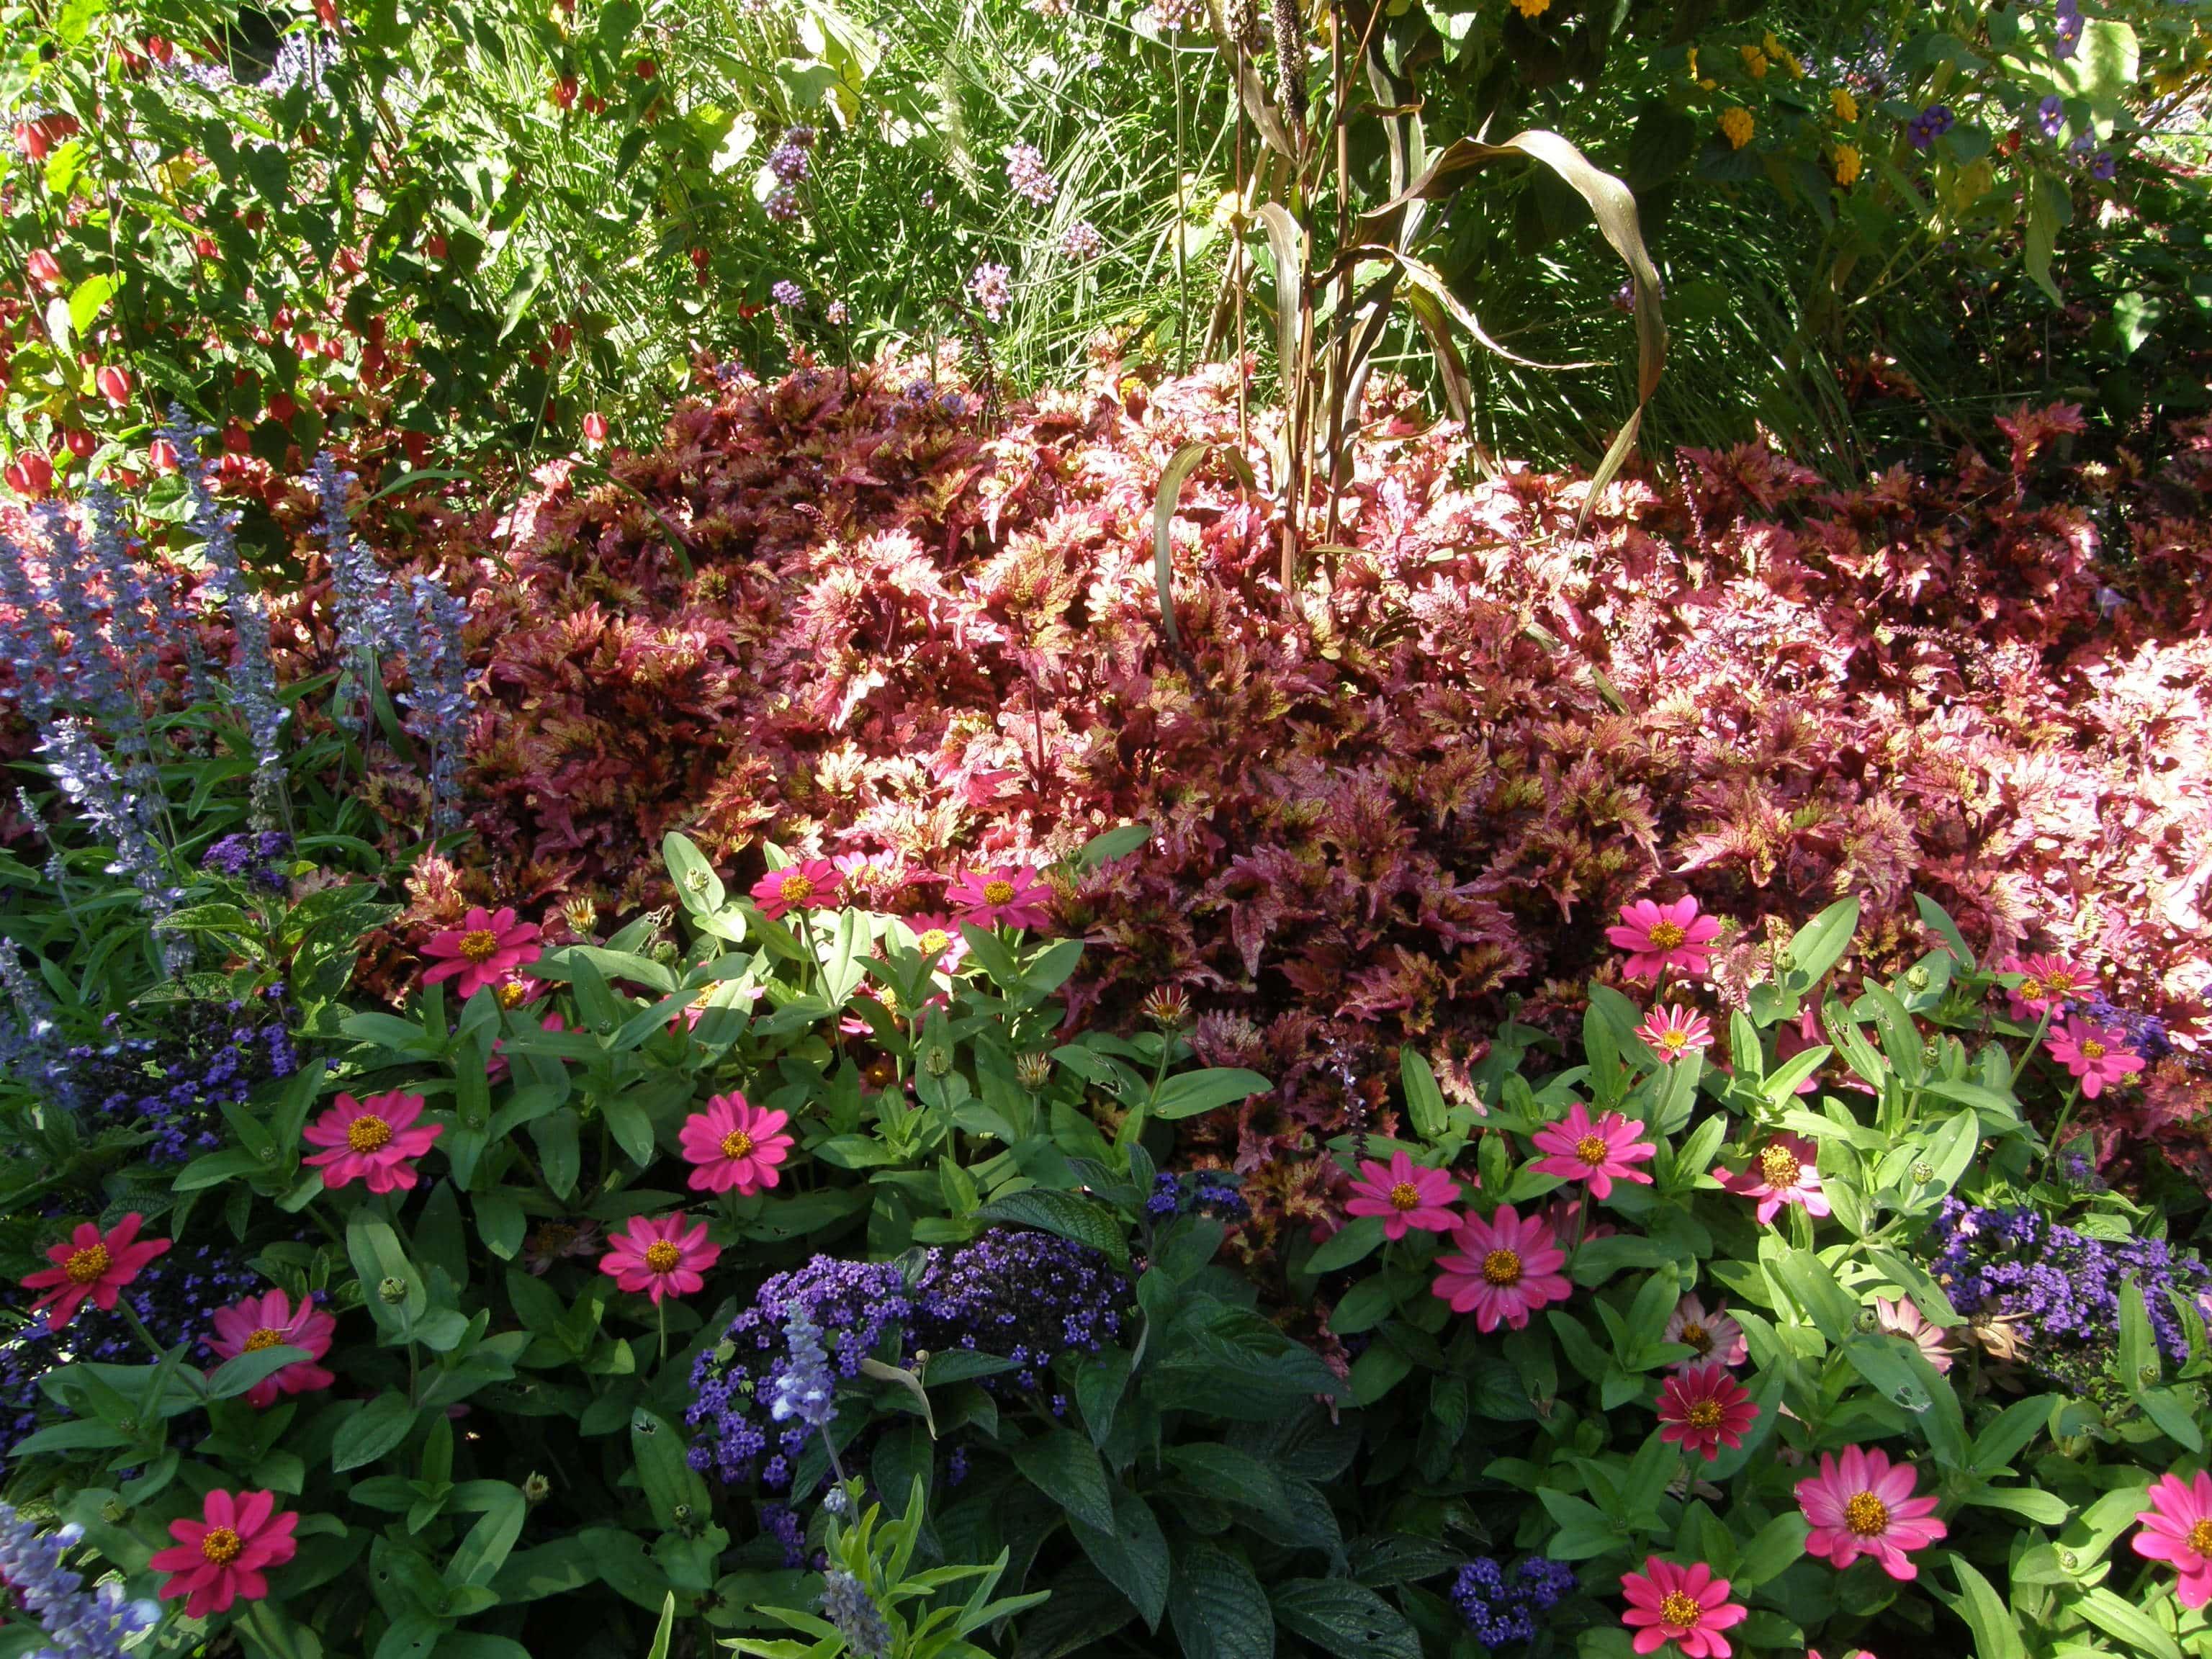 Plantes de soleil, plantes de mi-ombre, plantes d'ombre - Humeur de Jardinier